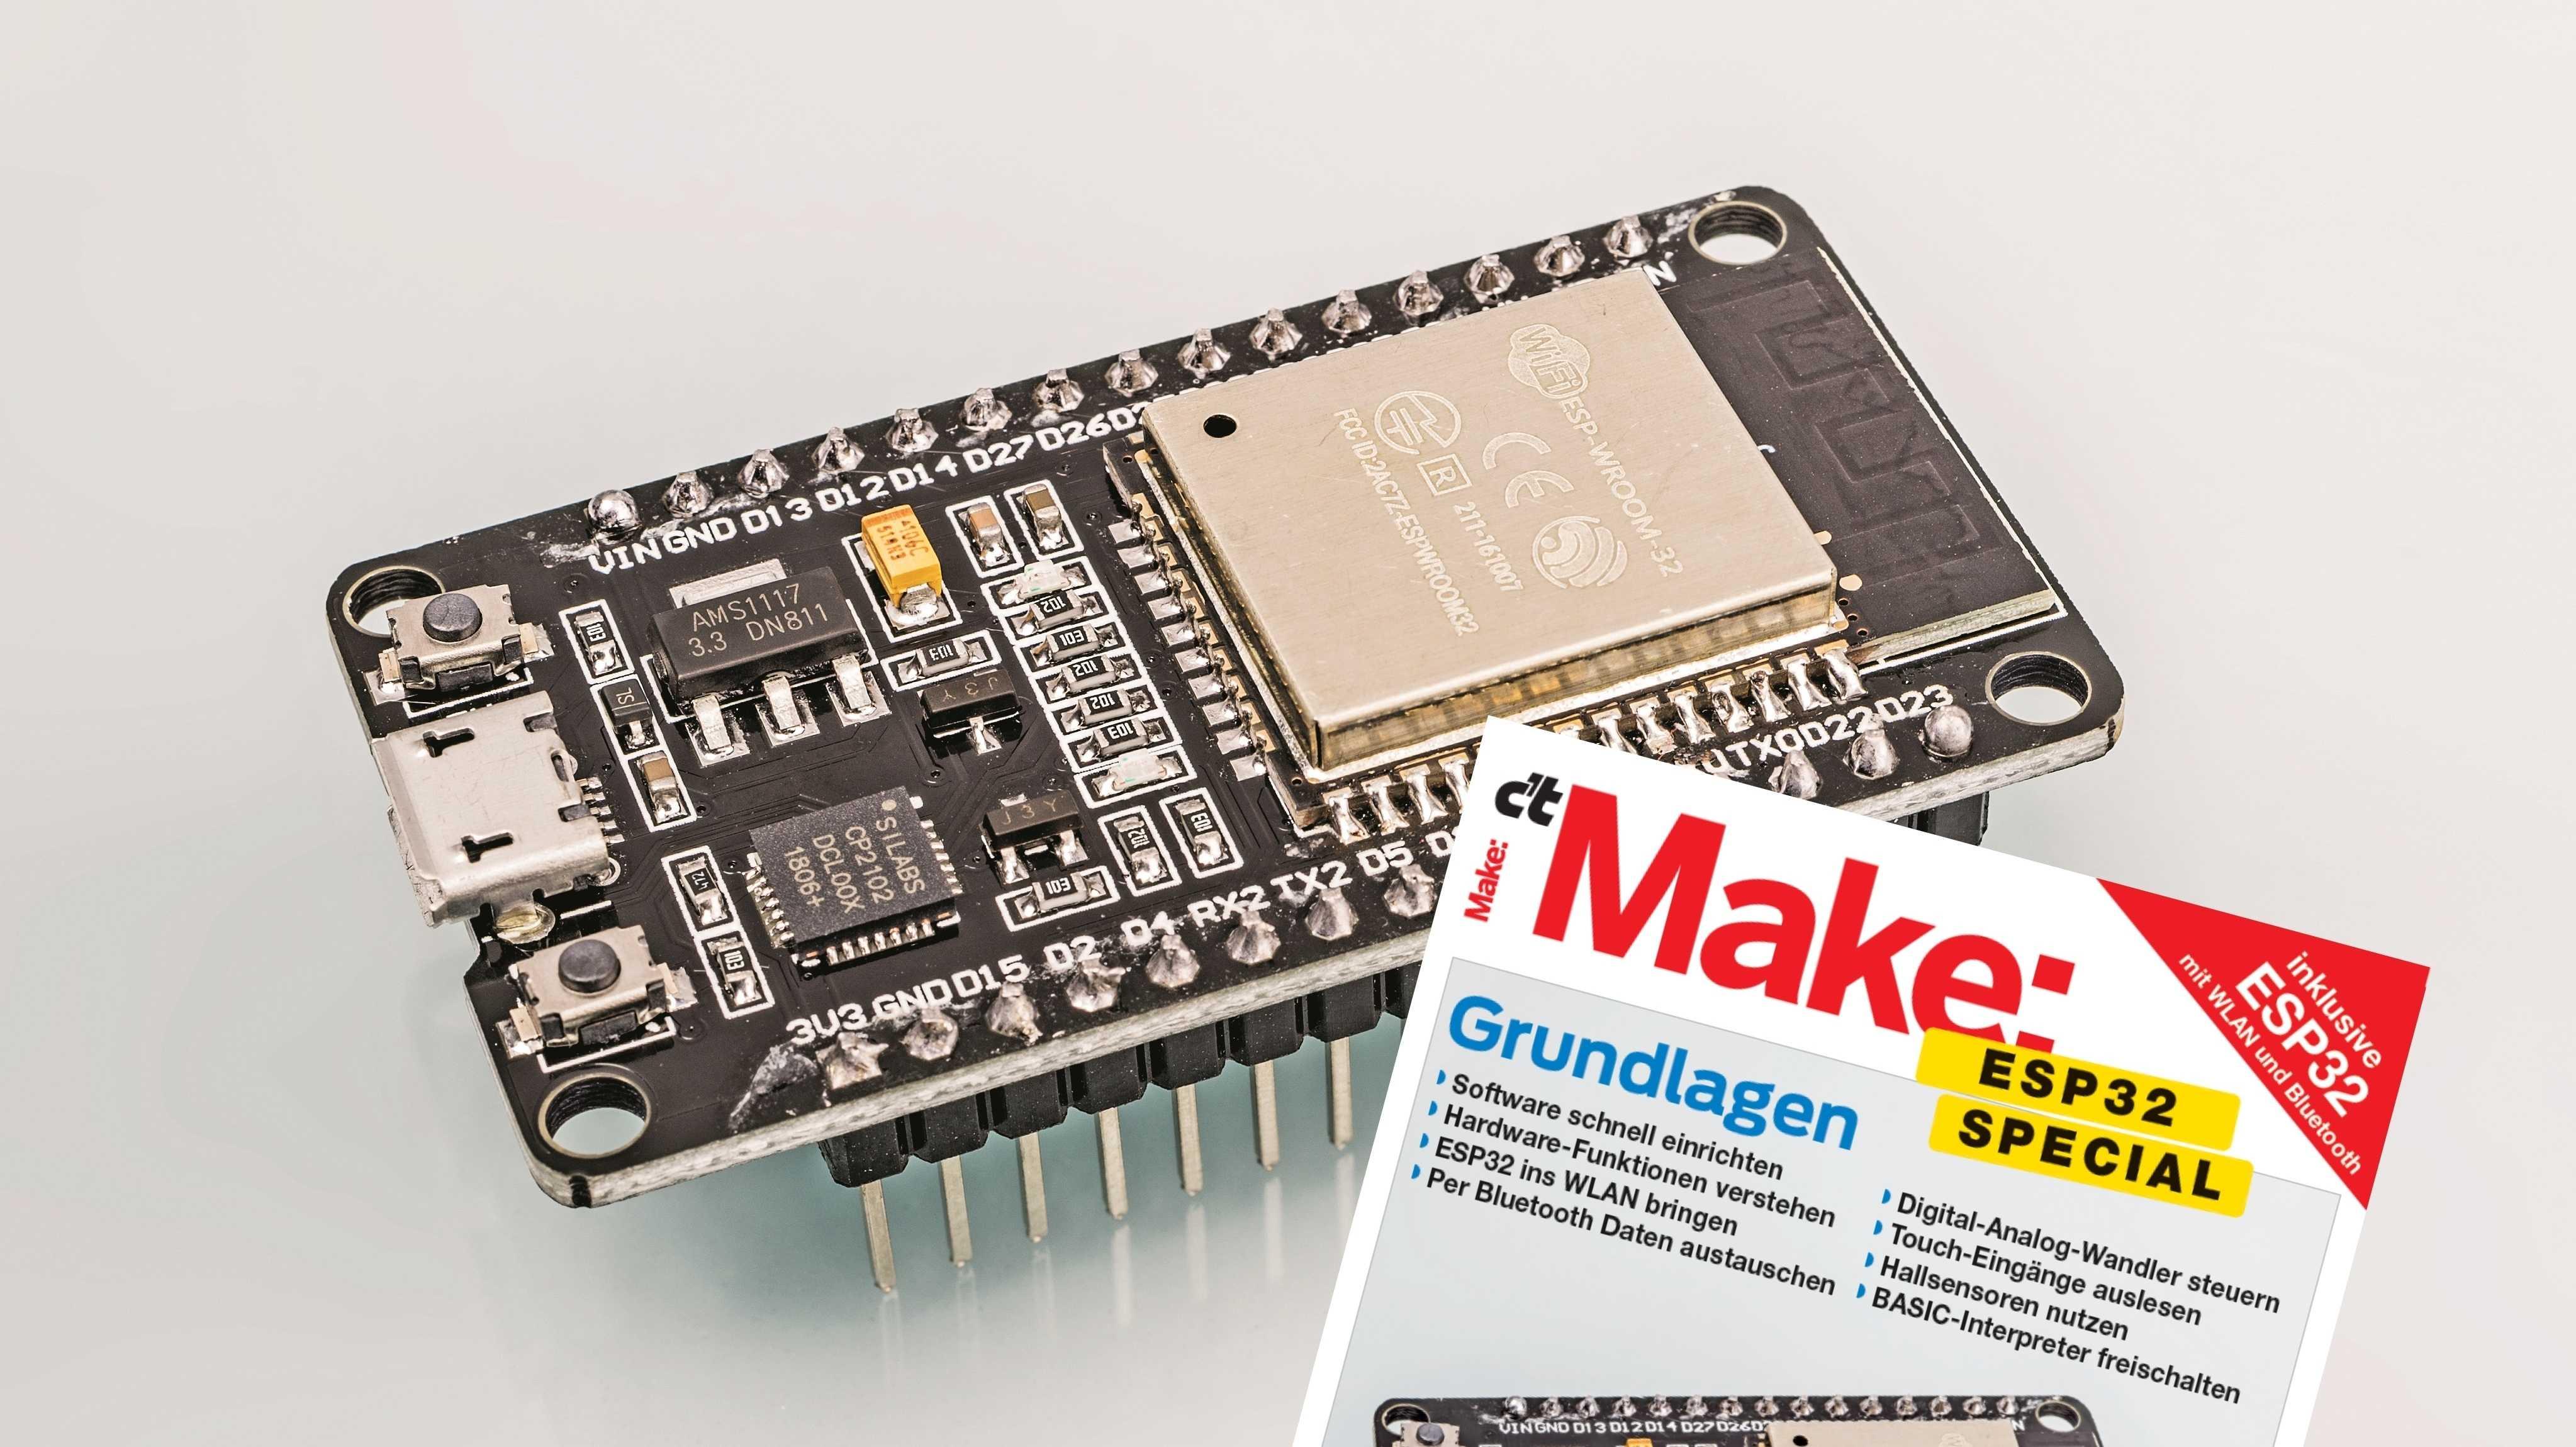 Mikrocontrollerboard ESP32 mit Titelbild des Make-Specials ESP32.